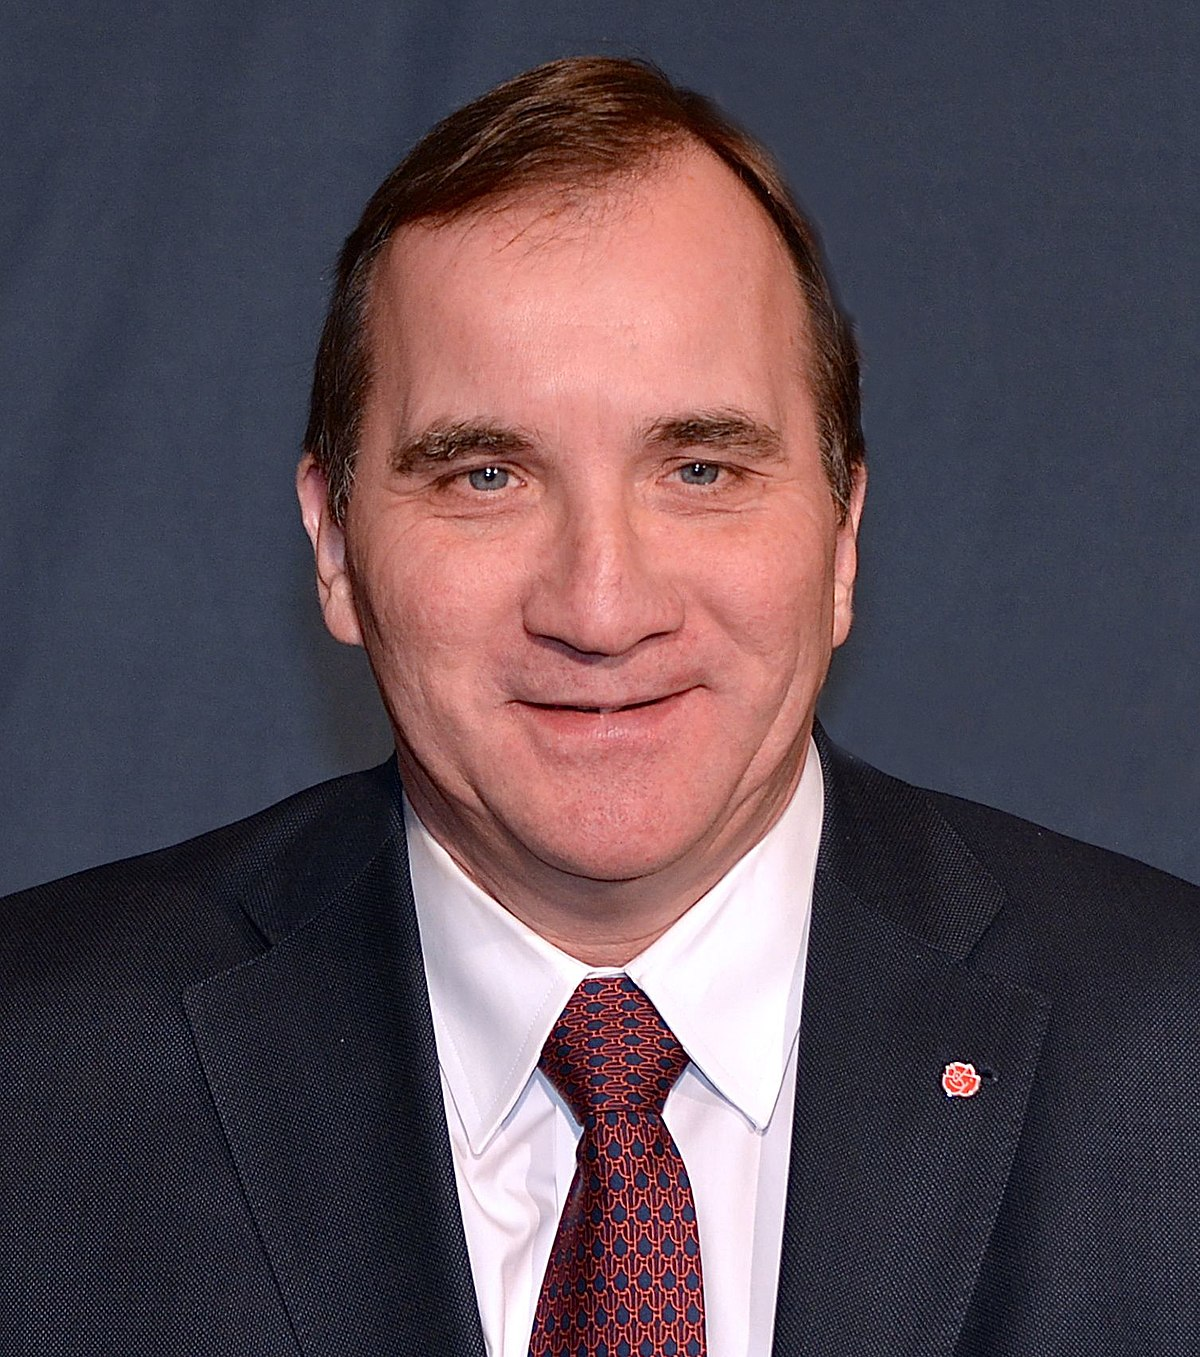 leader of sweden